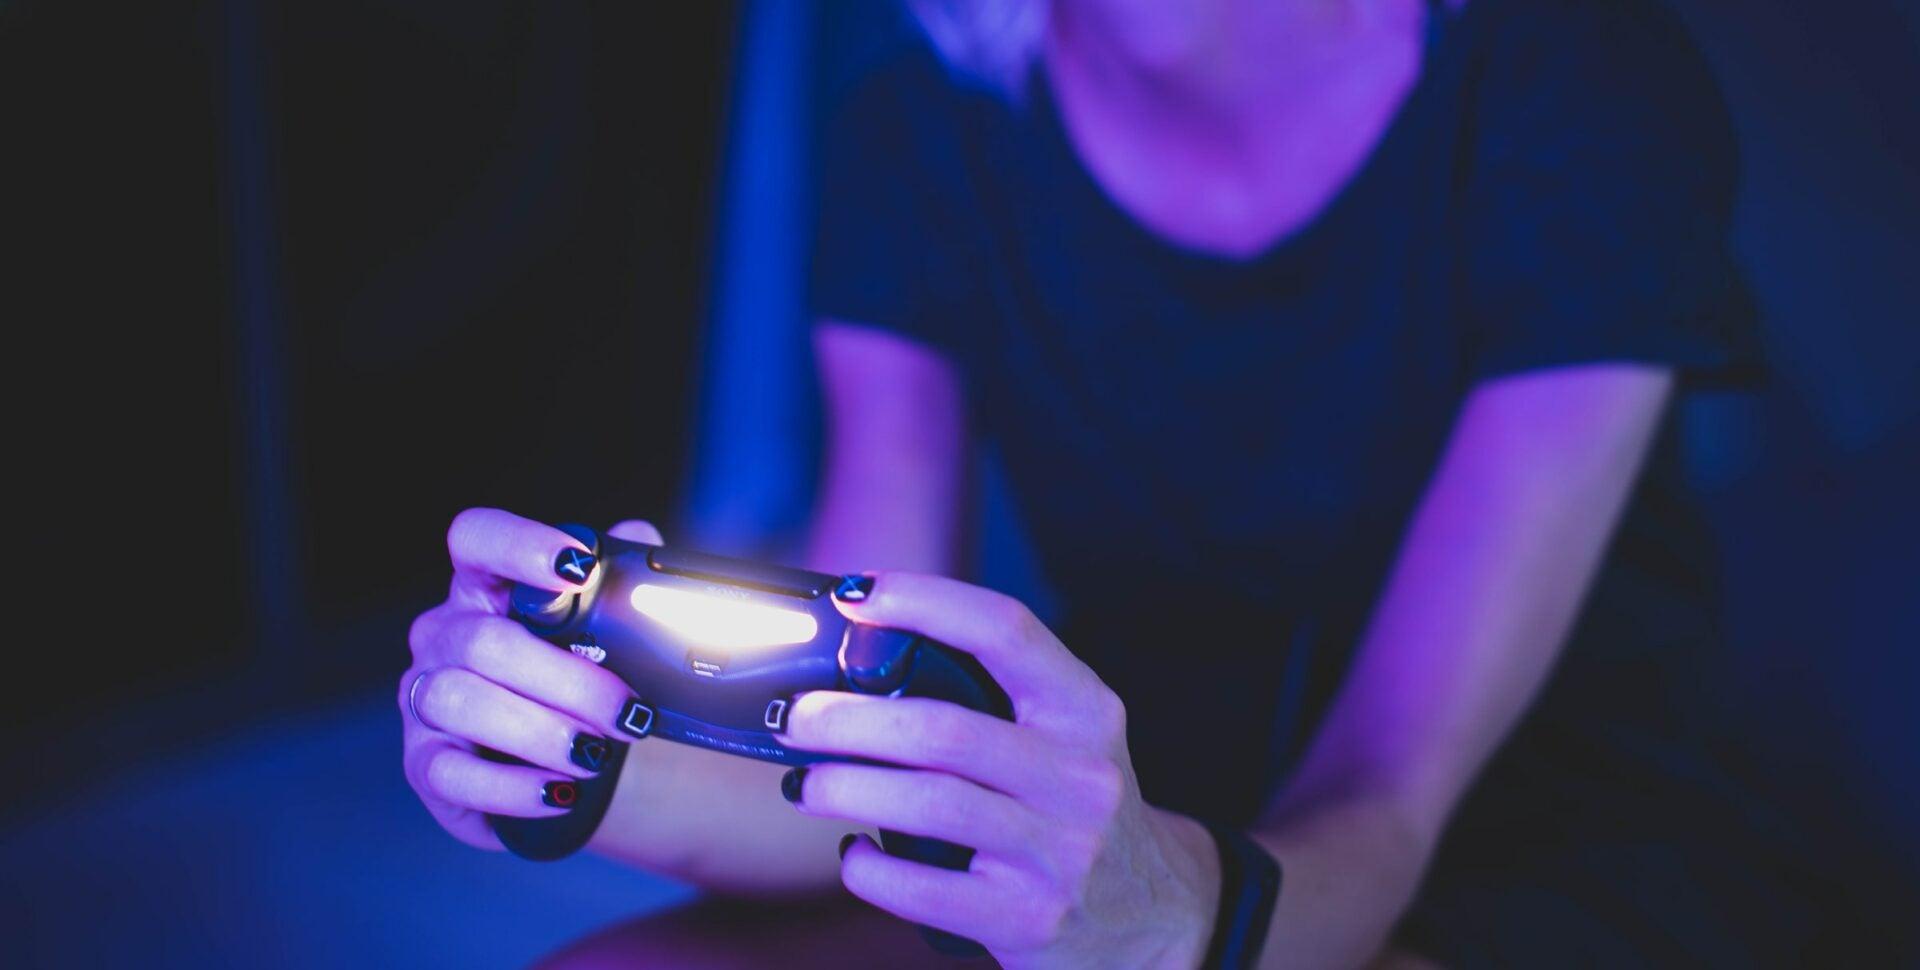 prejuicios de género videojuegos